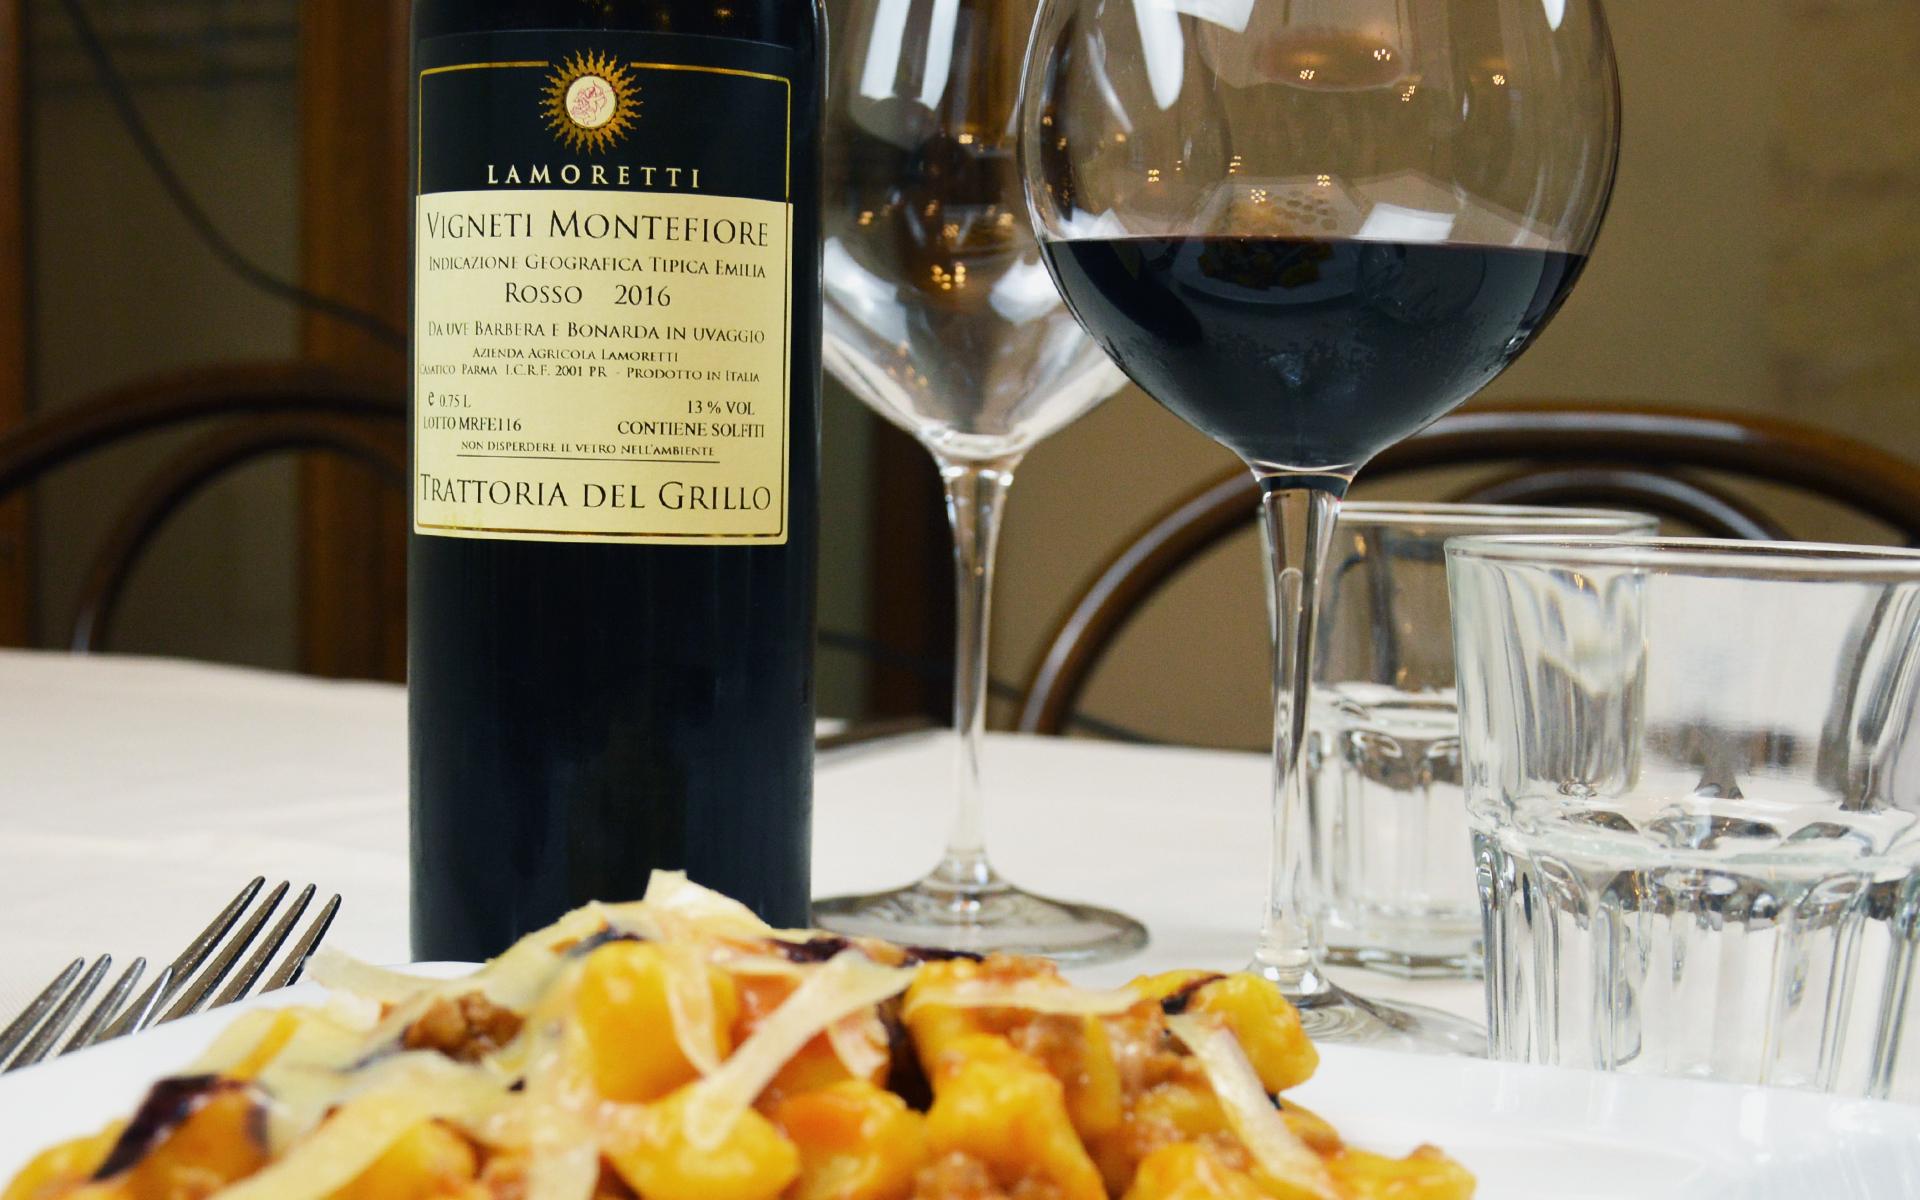 La-cantina-della-Trattoria-del-grillo-vigneti-montefiore